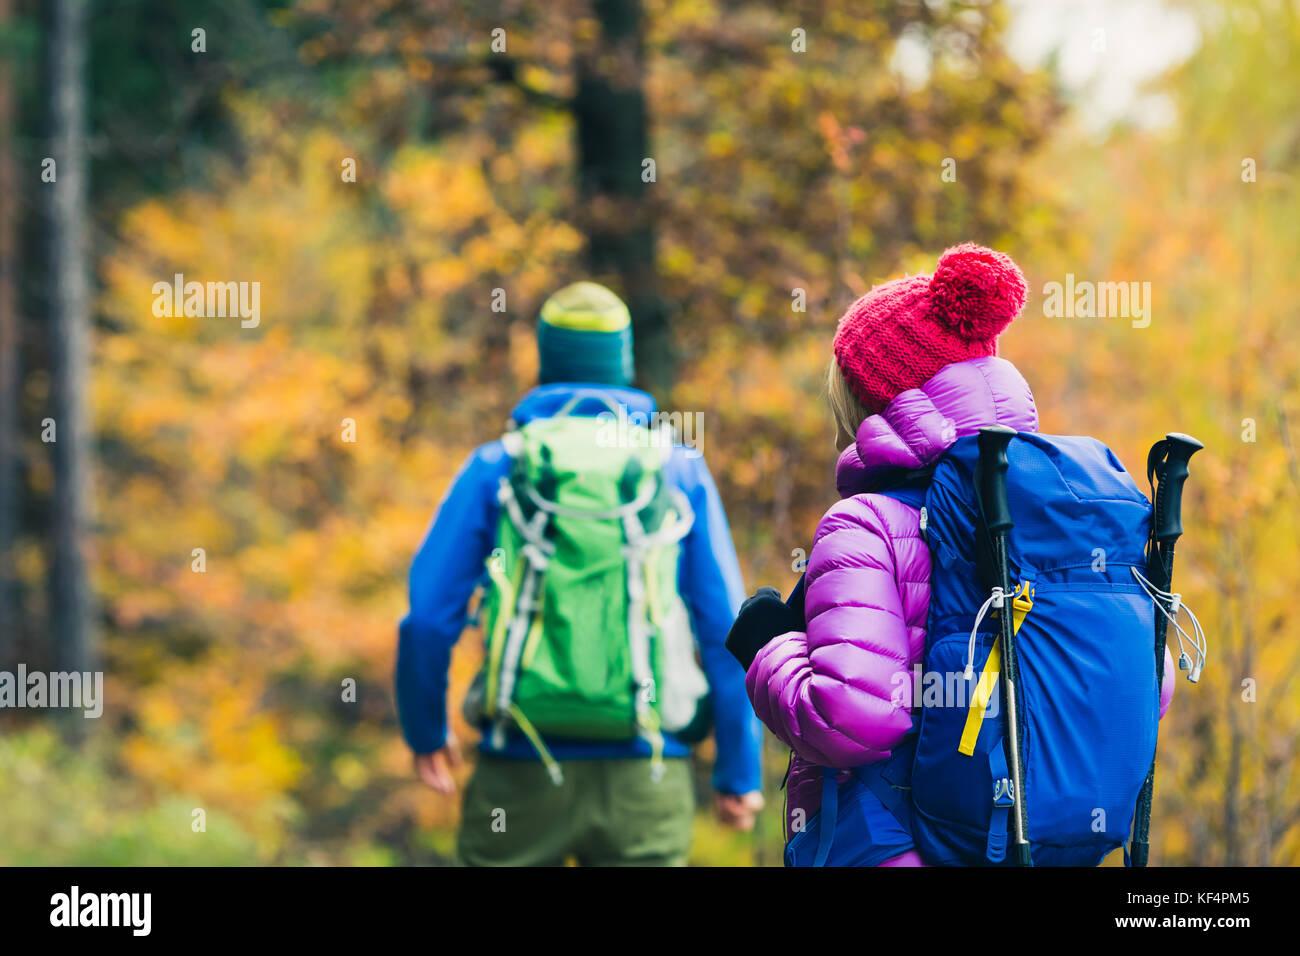 Glückliches Paar Wanderer Wandern im schönen gelben Herbst Wald und Berge. Junge Menschen, Mann und Frau Stockbild